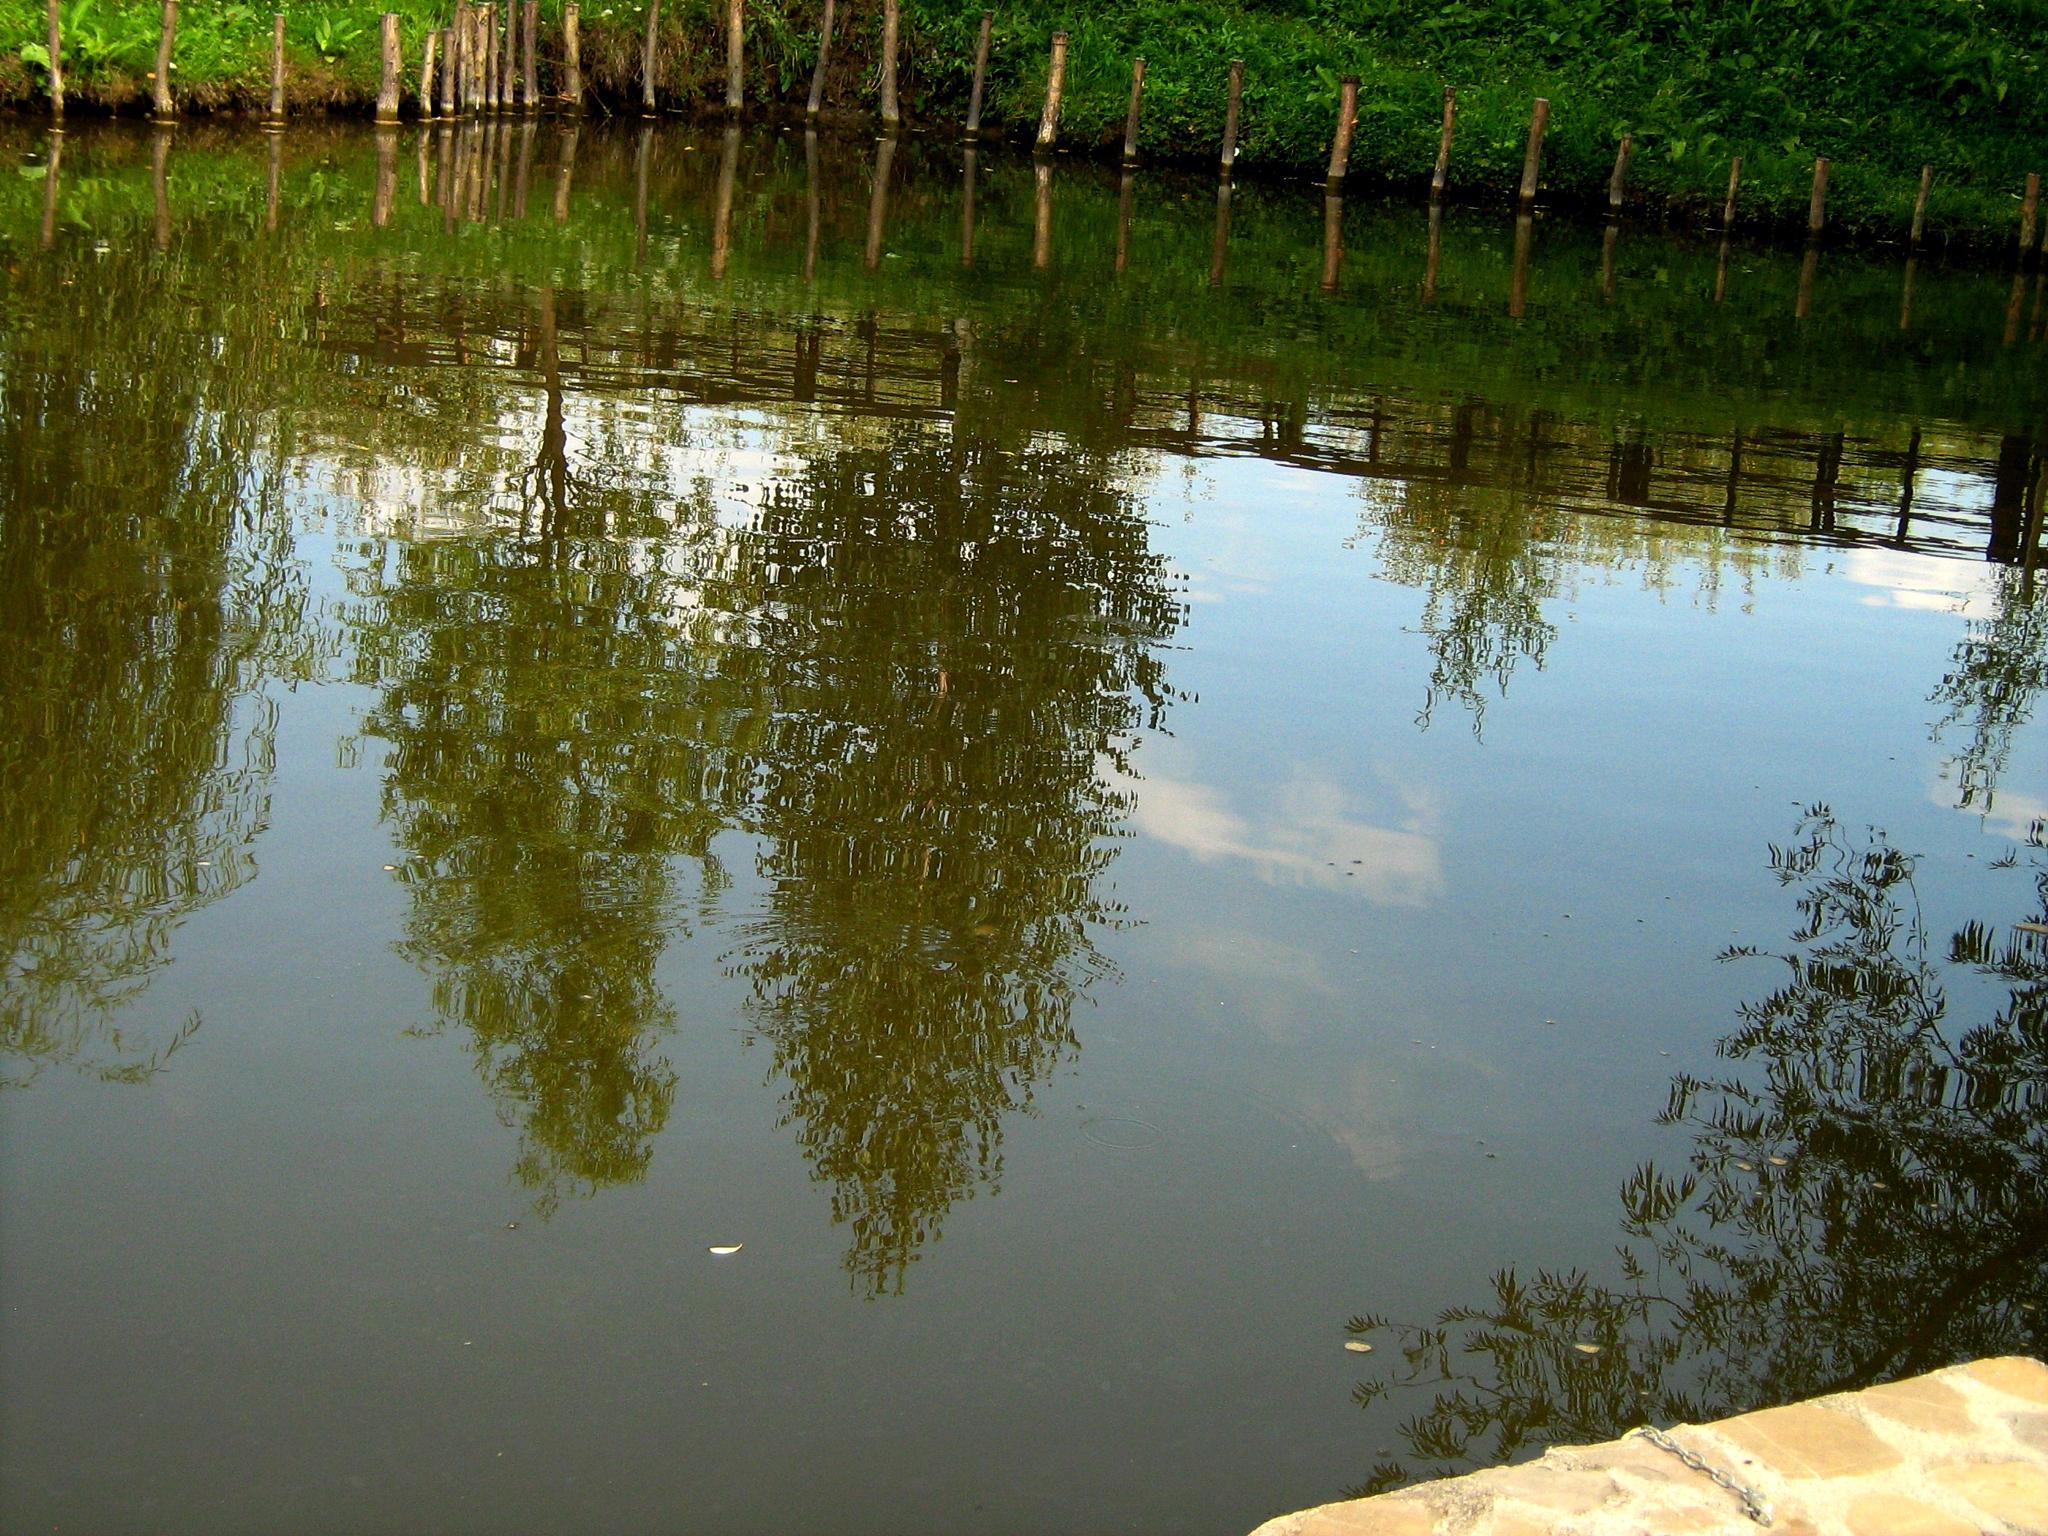 In the water  by Gratiela